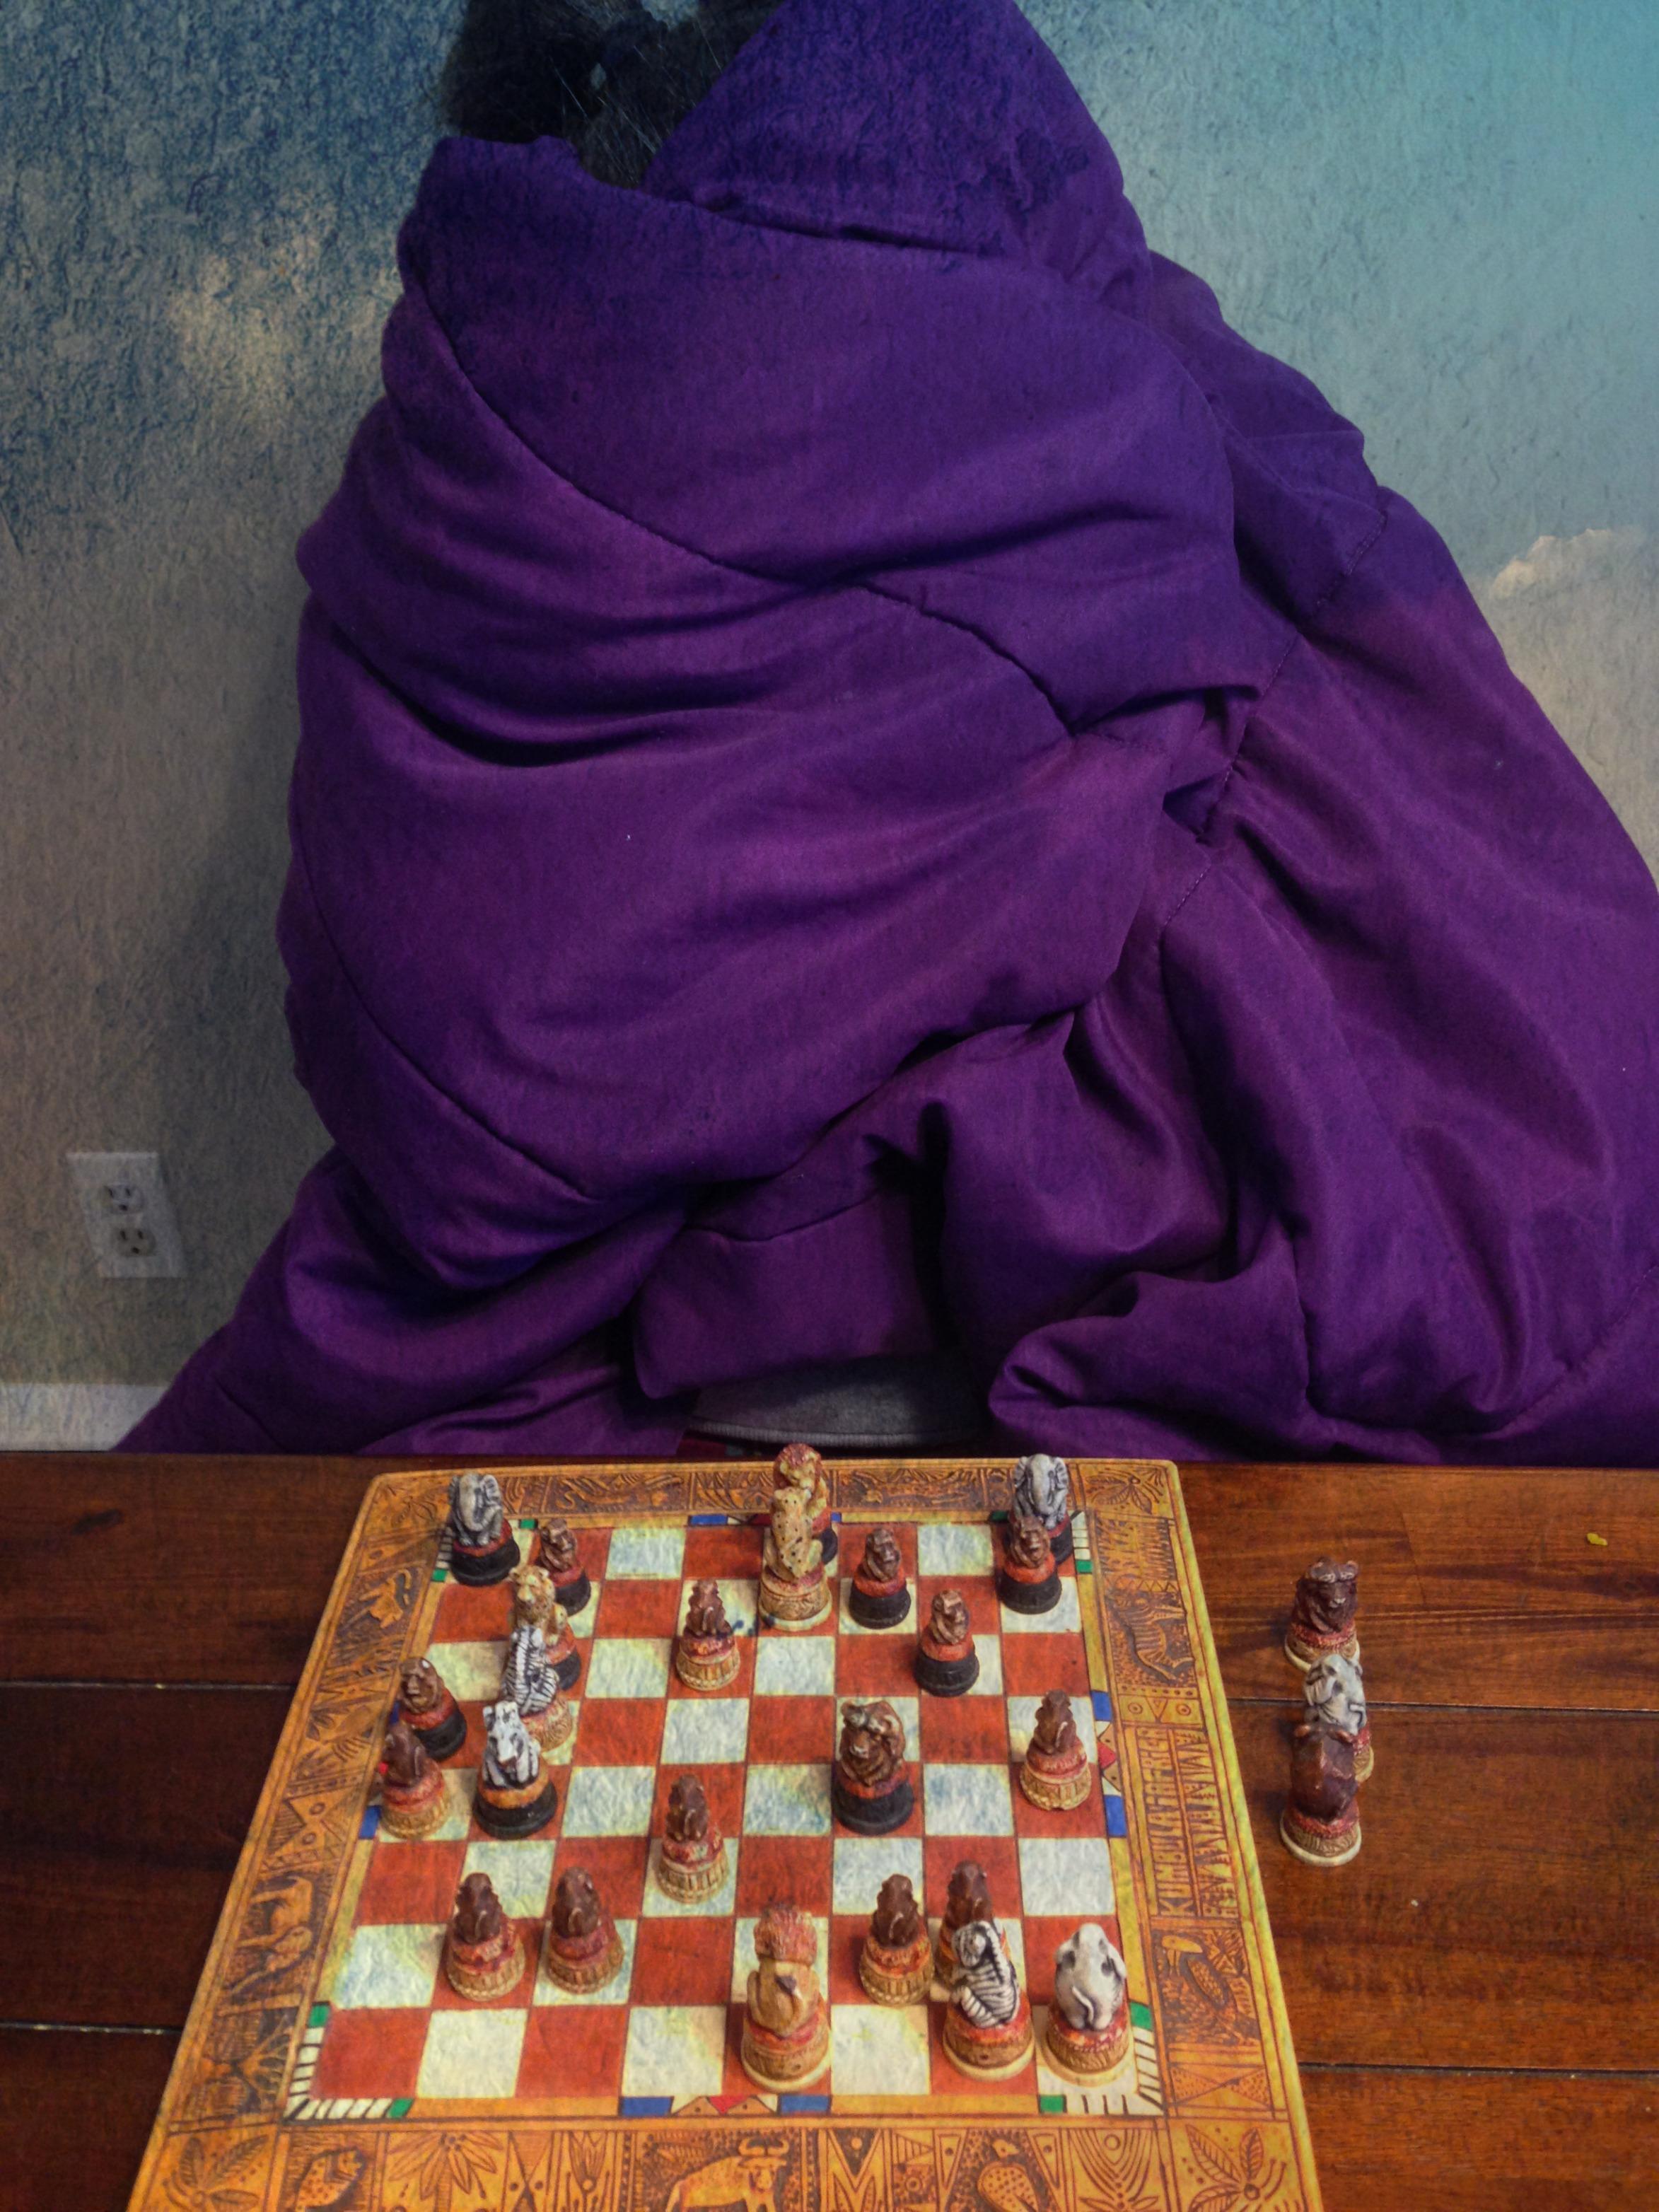 Tati Chess